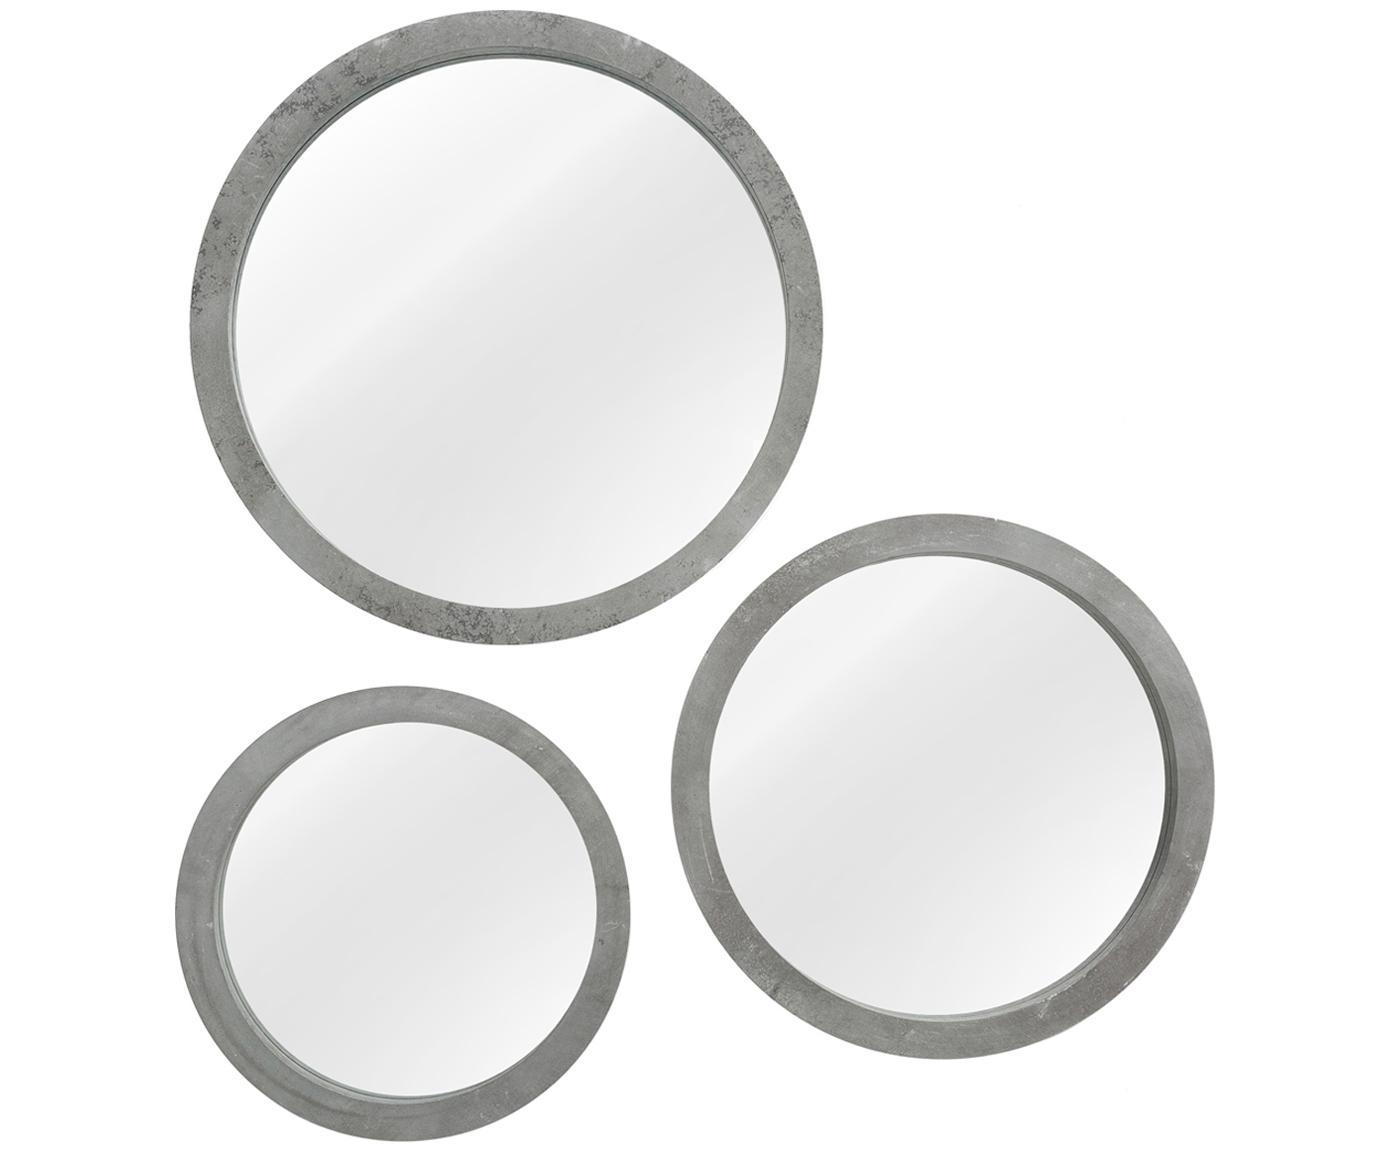 Komplet okrągłych luster ściennych Brest, 3 szt., Rama: szary<br>Przód: szkło lustrzane, Różne rozmiary